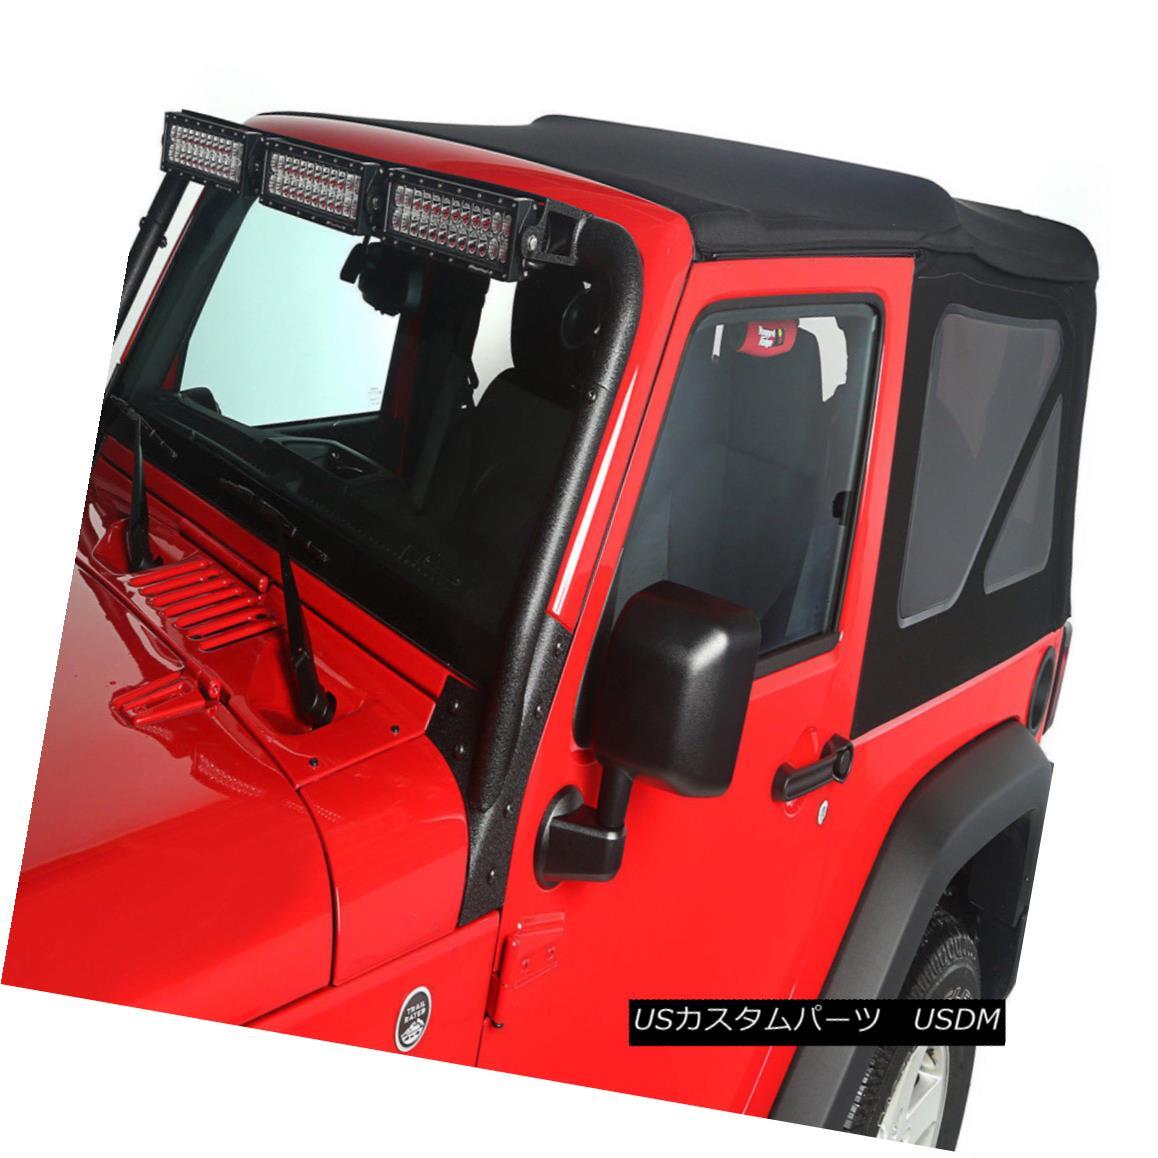 幌・ソフトトップ Soft Top Black Diamond 2 Door Jeep Wrangler JK 10-17 13737.35 Rugged Ridge ソフトトップブラックダイヤモンド2ドアジープラングラーJK 10-17 13737.35険しい尾根